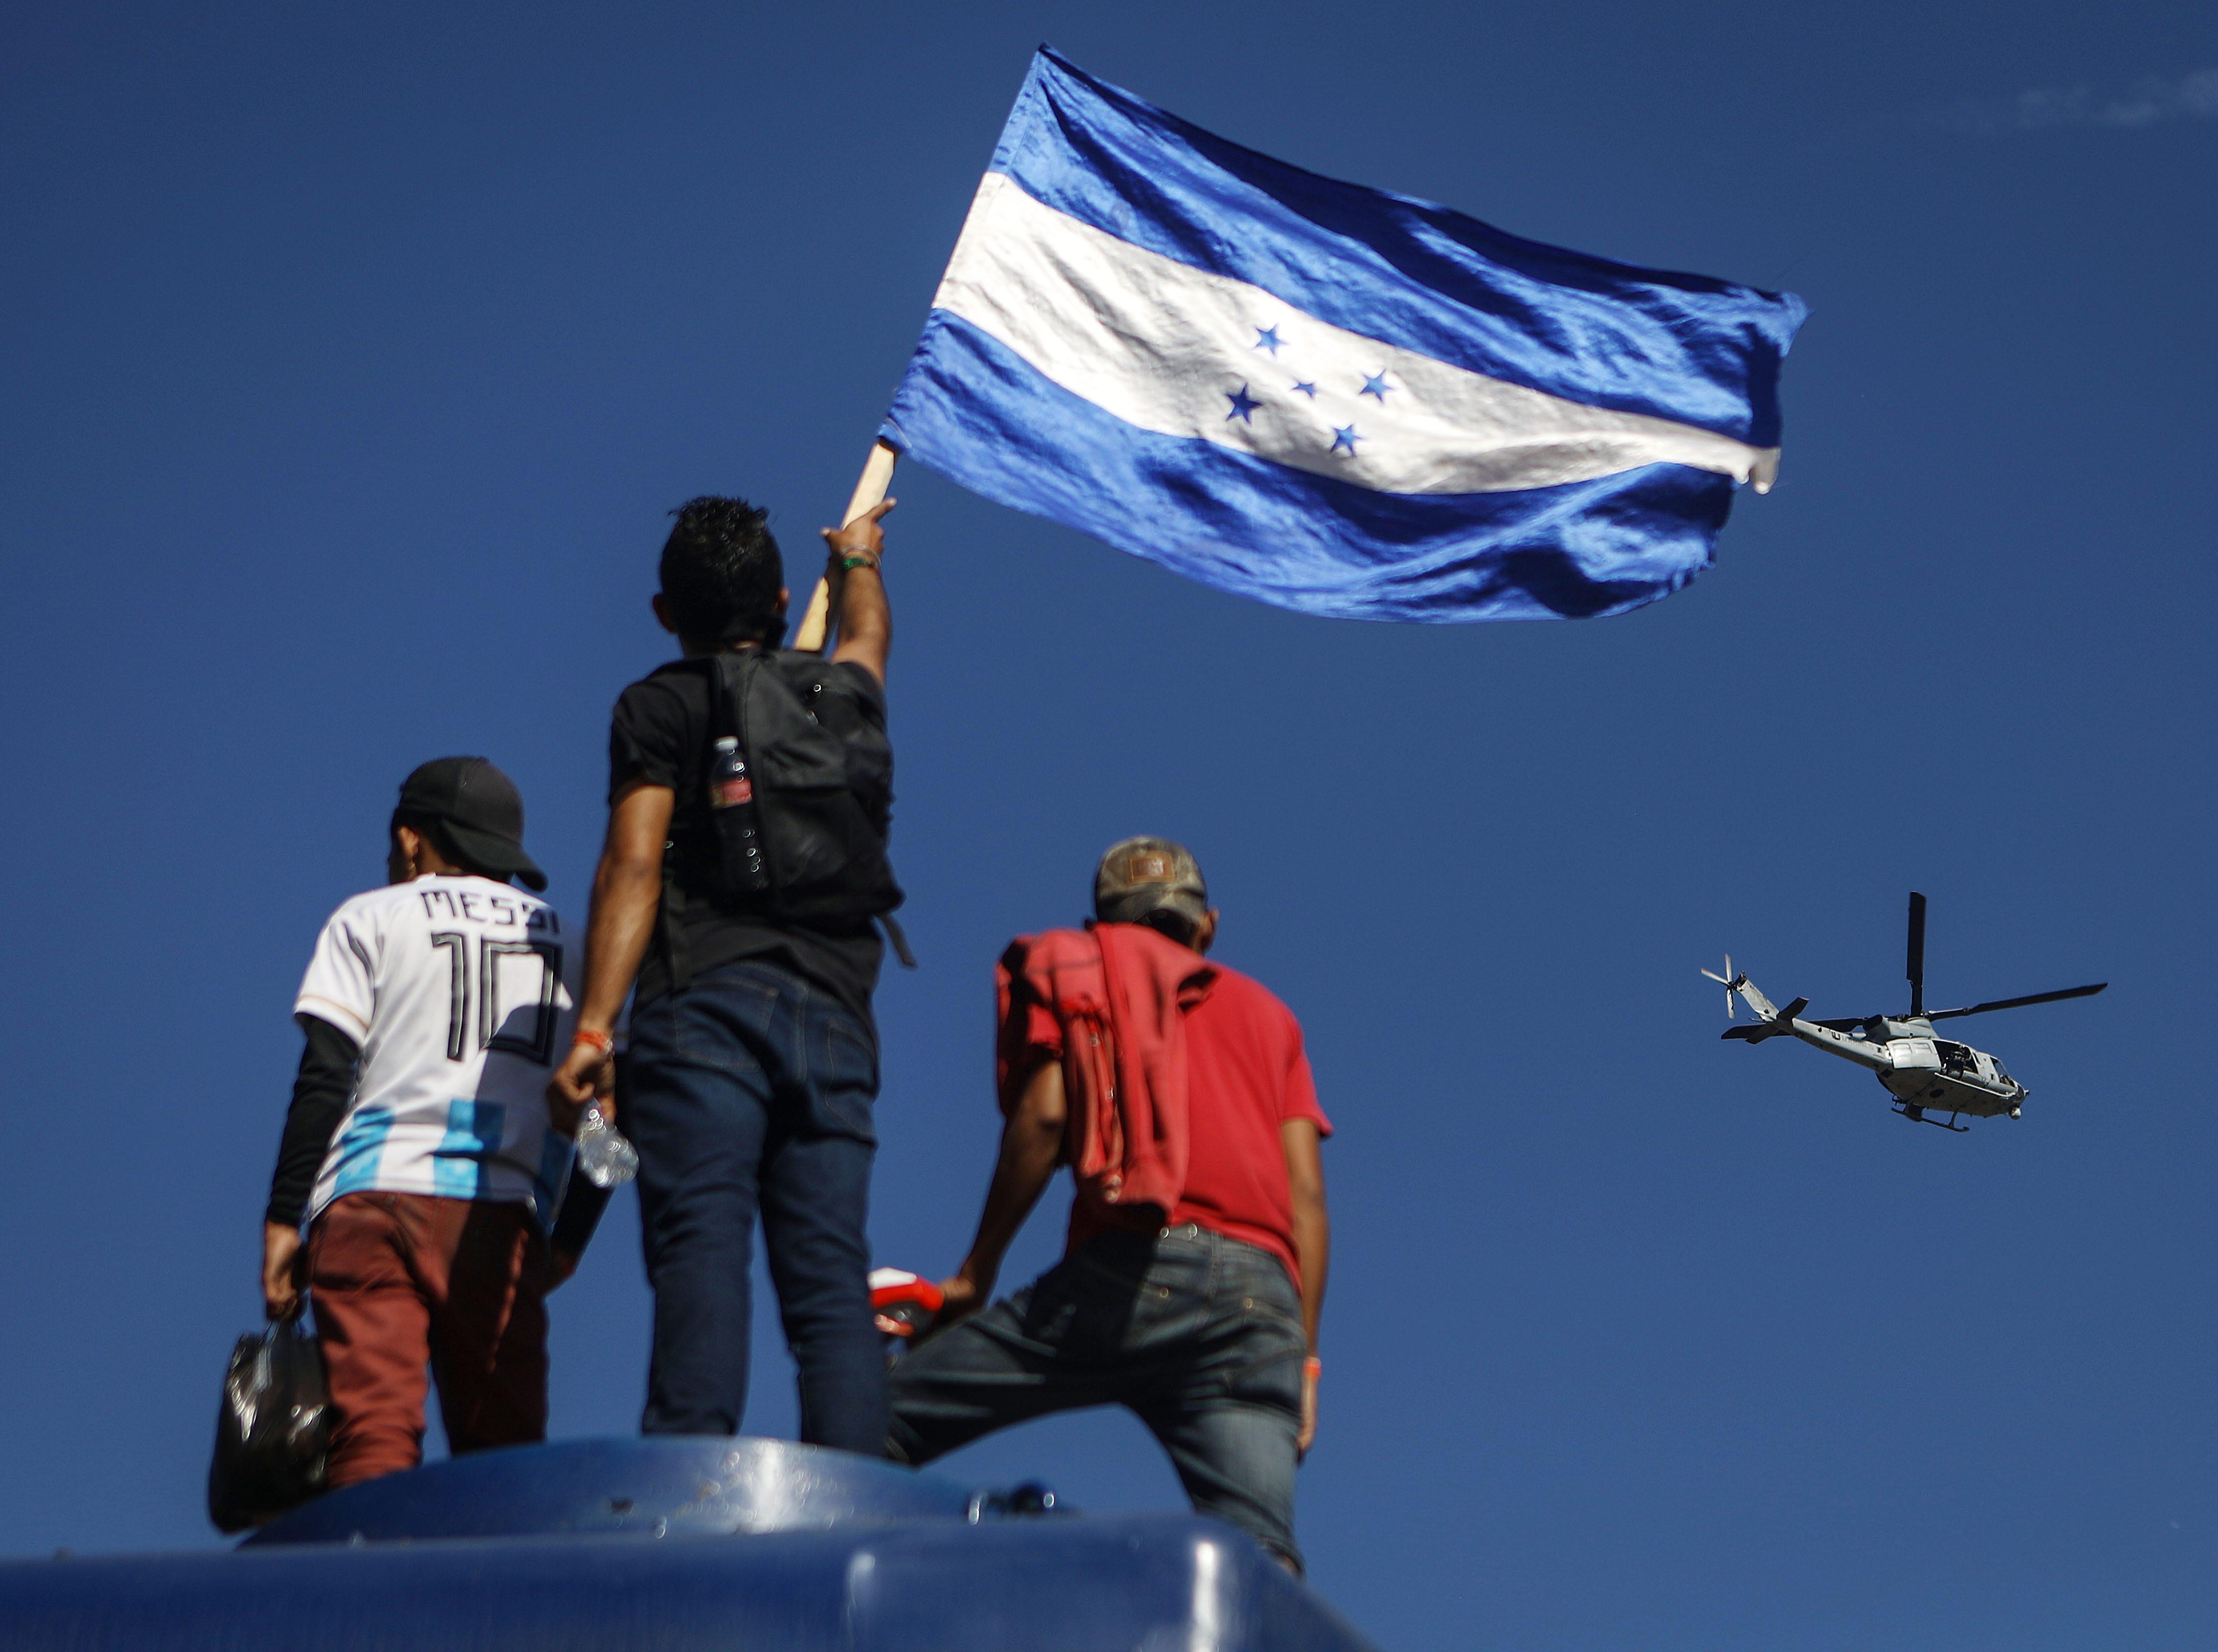 Un helicóptero de la Marina de los Estados Unidos patrulla sobre un migrante ondeando la bandera hondureña mientras se encuentra sobre un vagón de tren cerca de la valla fronteriza de los Estados Unidos y México el 25 de noviembre de 2018 en Tijuana, México.